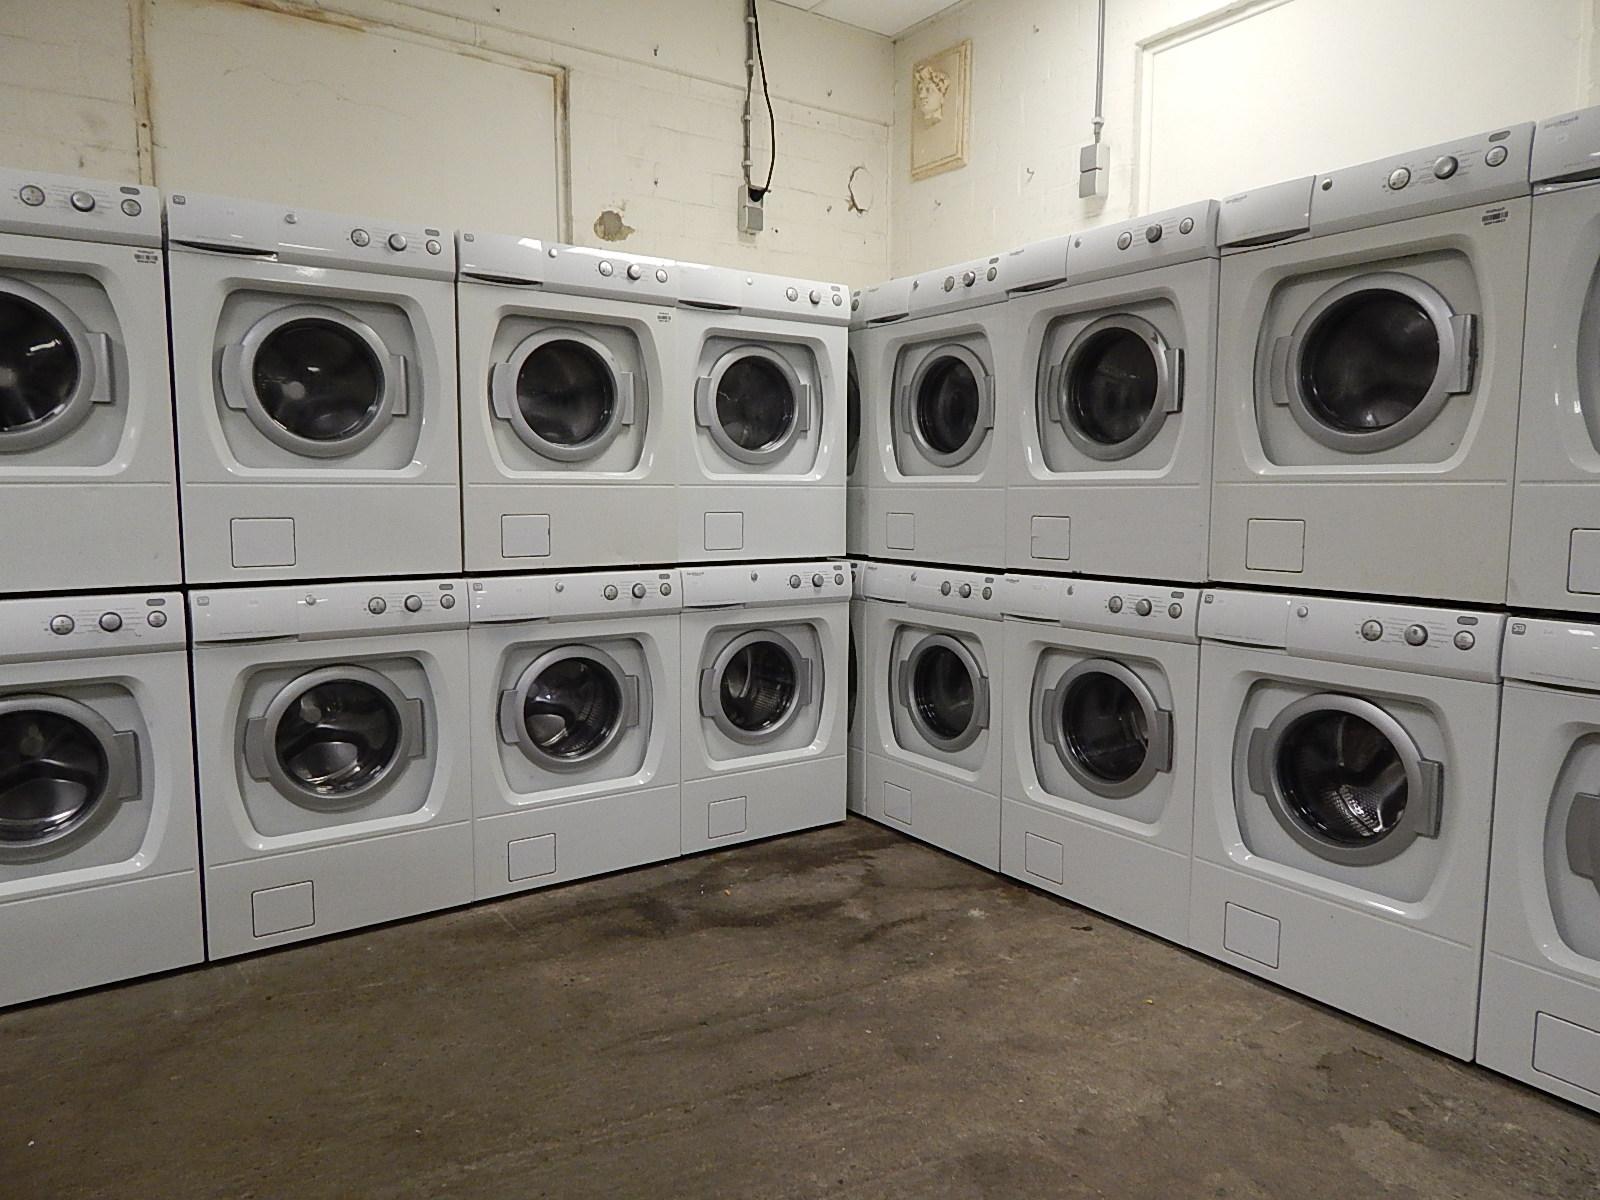 ASKO wasmachine 1